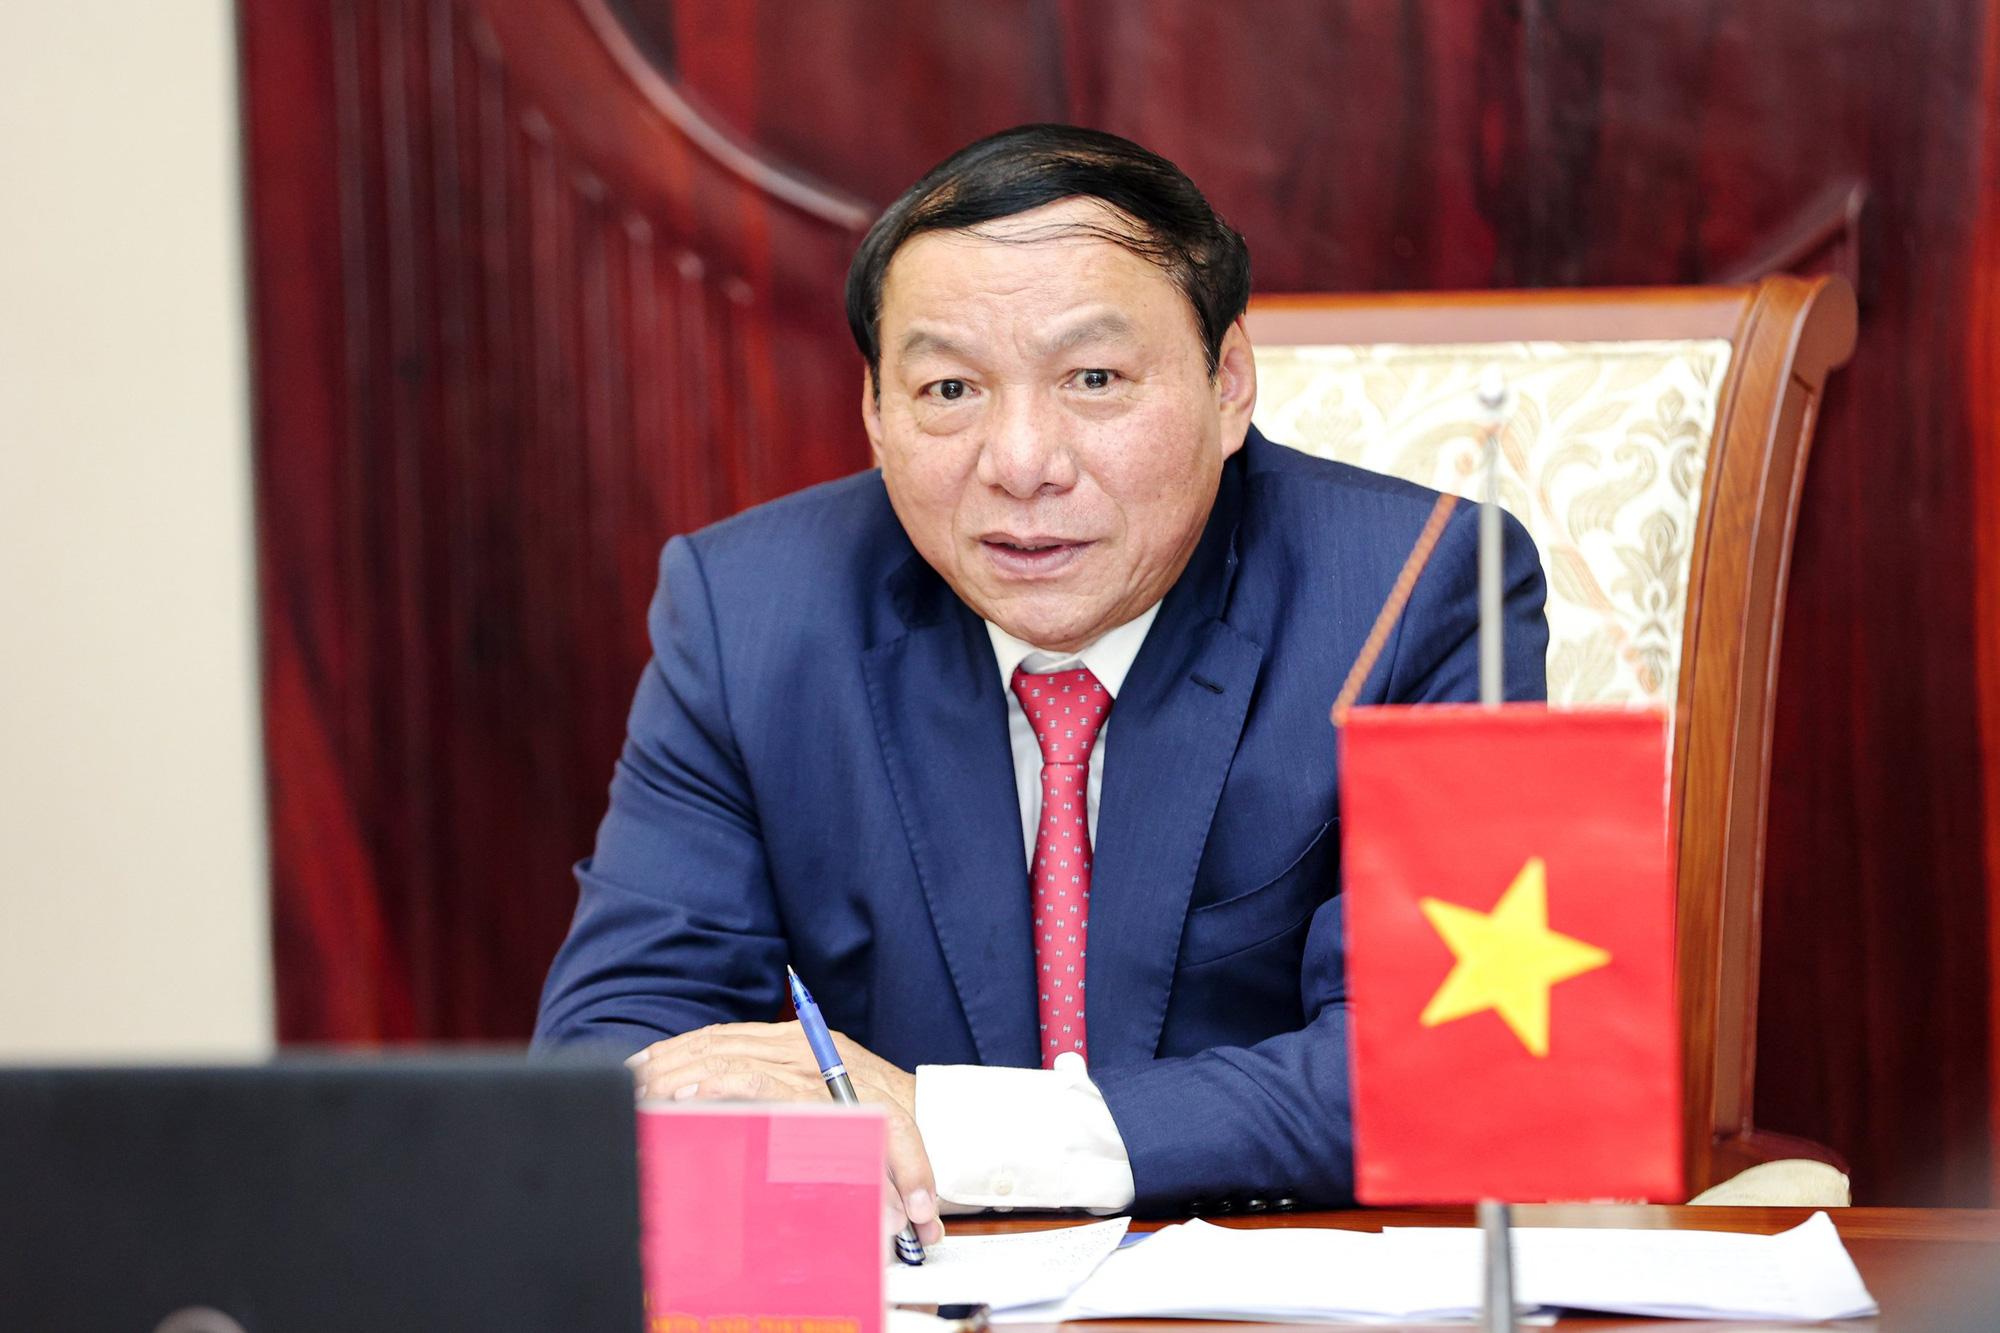 Bộ trưởng Bộ VHTTDL Nguyễn Văn Hùng gửi thư chúc mừng nhân Ngày Báo chí Cách mạng Việt Nam